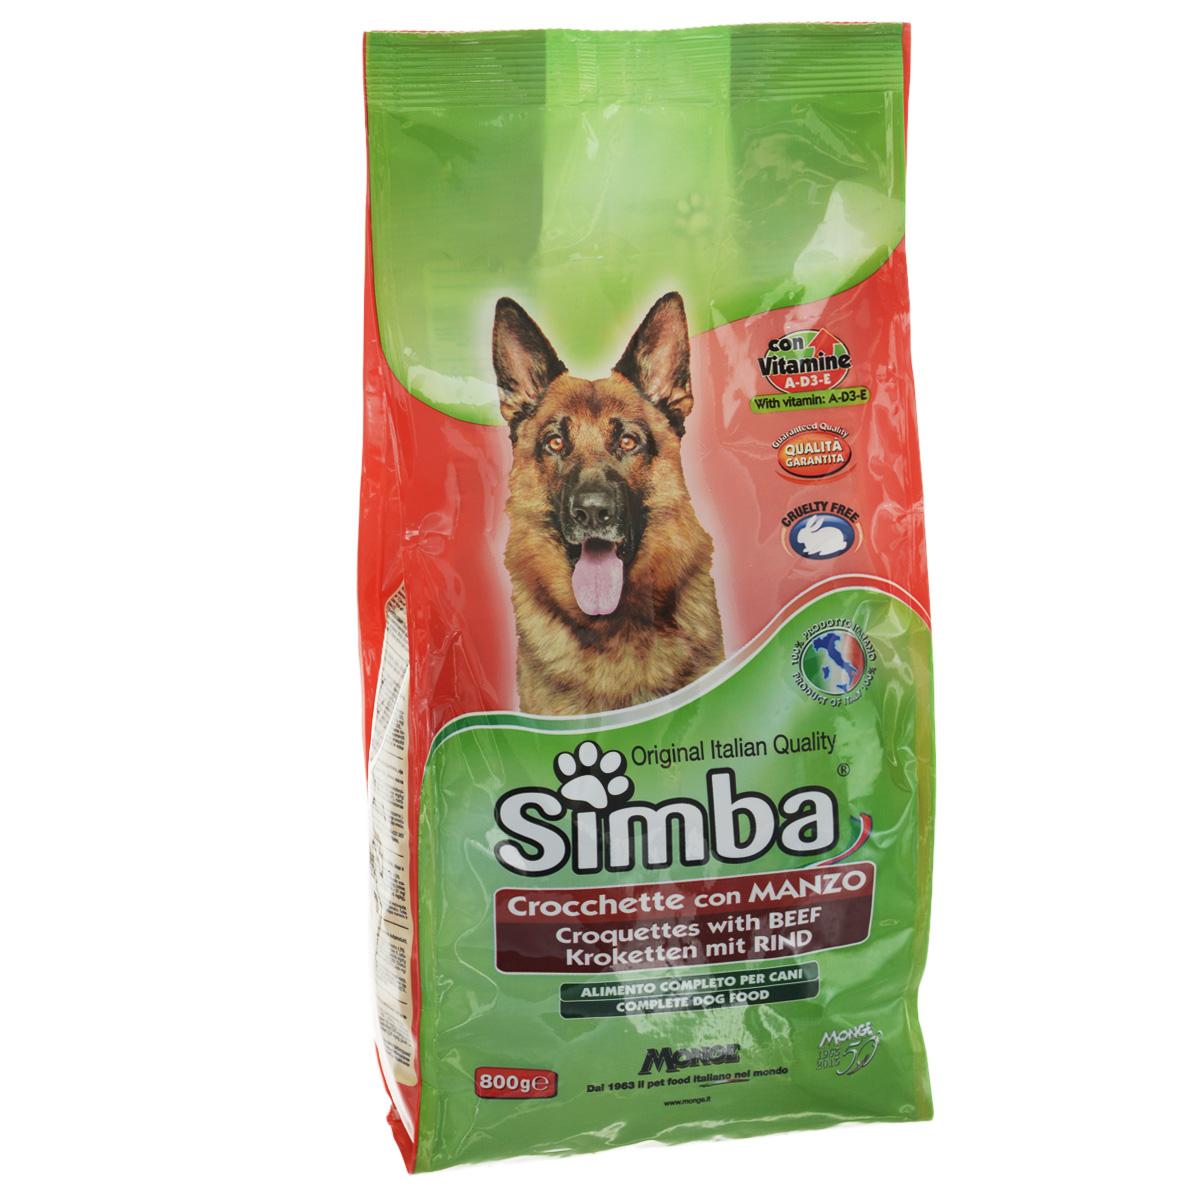 Корм сухой Monge Simba для взрослых собак, с говядиной, 800 г24361Сухой корм Monge Simba - это полноценный корм для собак с витаминами A, D3, E, которые способствуют укреплению здоровья и отличного состояния животных. Оптимальное содержание белка гарантируется наличием говяжьего мяса.Состав: злаки, мясо и мясопродукты (говядина мин. 4,1%), побочные продукты растительного происхождения, масла и жиры, витамины, минеральные вещества.Анализ компонентов: белок 21%, масла и жиры 8%, сырая клетчатка 4,5%, сырая зола 9,5%.Витамины и добавки на 1 кг: витамин А 10000 МЕ, витамин D3 700 МЕ, витамин Е 50 мг, сульфат марганца 80 мг (марганец 25 мг), оксид цинка 170 мг (цинк 120 мг), сульфат меди 40 мг (медь 10 мг), сульфат железа 290 мг (железо 87 мг), селенит натрия 0,39 мг (селен 0,17 мг), йодат кальция 2,20 мг (йод 1,40 мг), антиоксиданты ЕЭС.Товар сертифицирован.